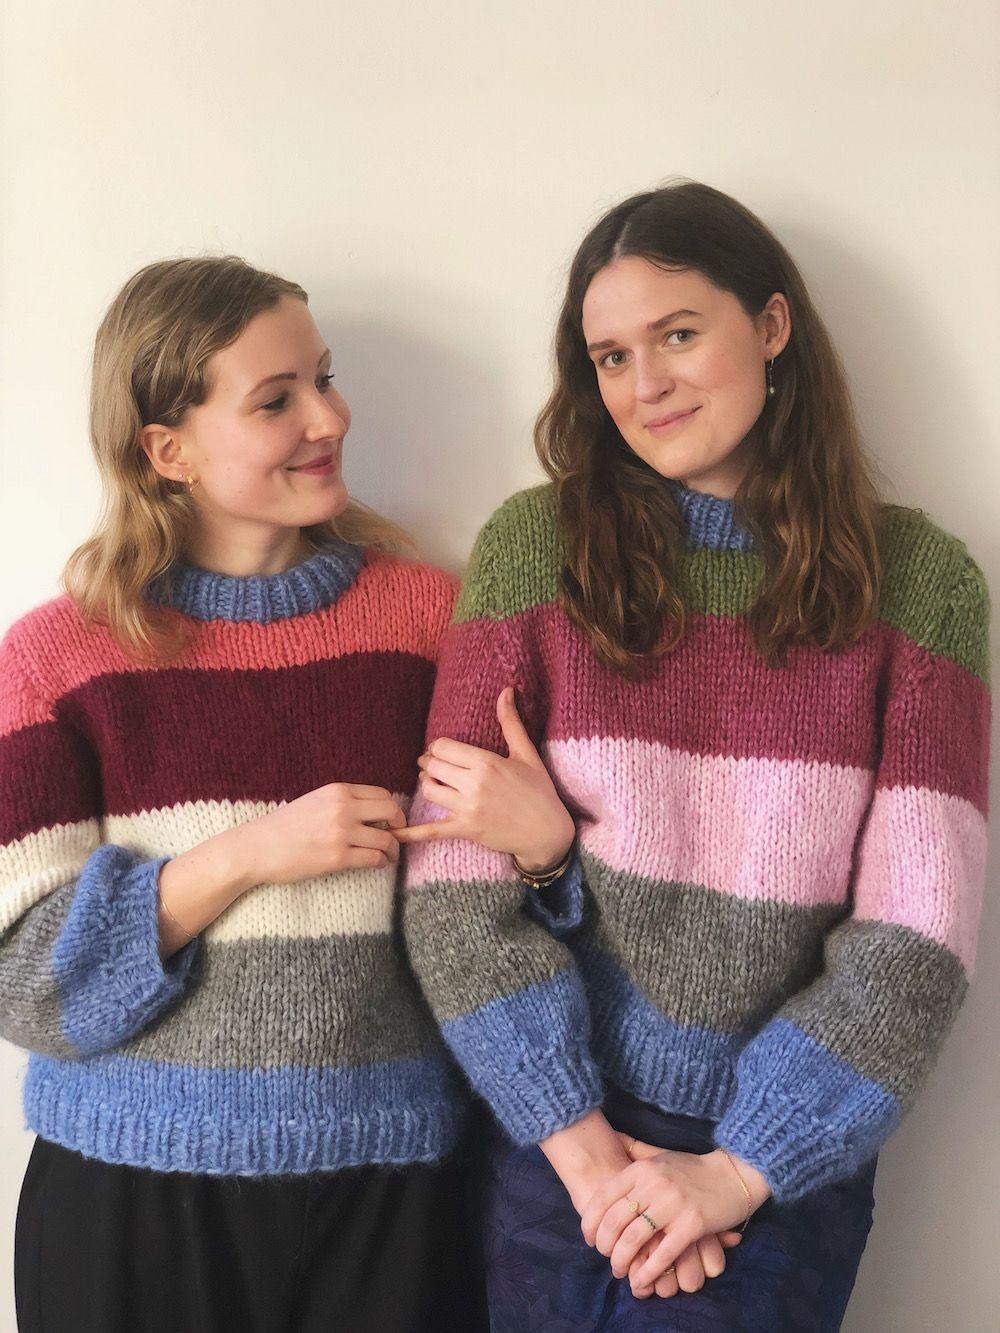 93f20fcb Ganni inspireret sweater med striber Gratis Strik, Striped Cardigan,  Strikkeprojekter, Tørklæder, Kvinder